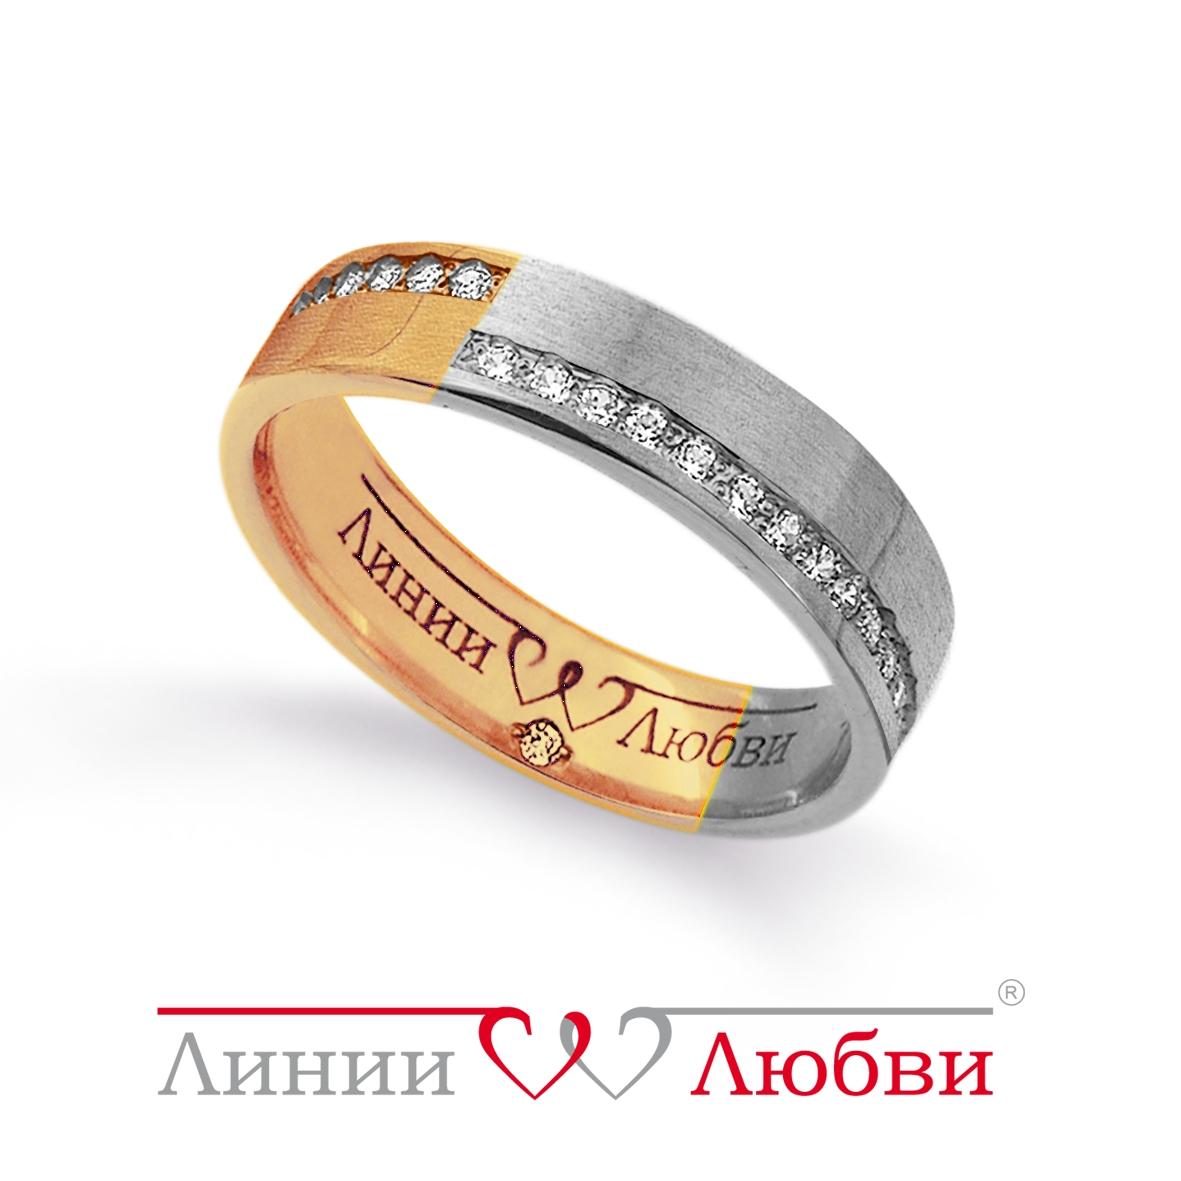 Обручальное кольцо с бриллиантами Линии ЛюбвиКольцо<br>Кольцо обручальное из золота 585 пробы с белыми бриллиантами (арт. Л41131011). Размер 16,5.<br><br>Articule: Л41131011<br>Тип: Кольцо<br>Пол: Унисекс<br>Материал: золото золото<br>Вес изделия г: 4.78<br>Вставка: белые бриллианты<br>Размеры: 22, 21, 20, 18, 17, 16, 15, 19